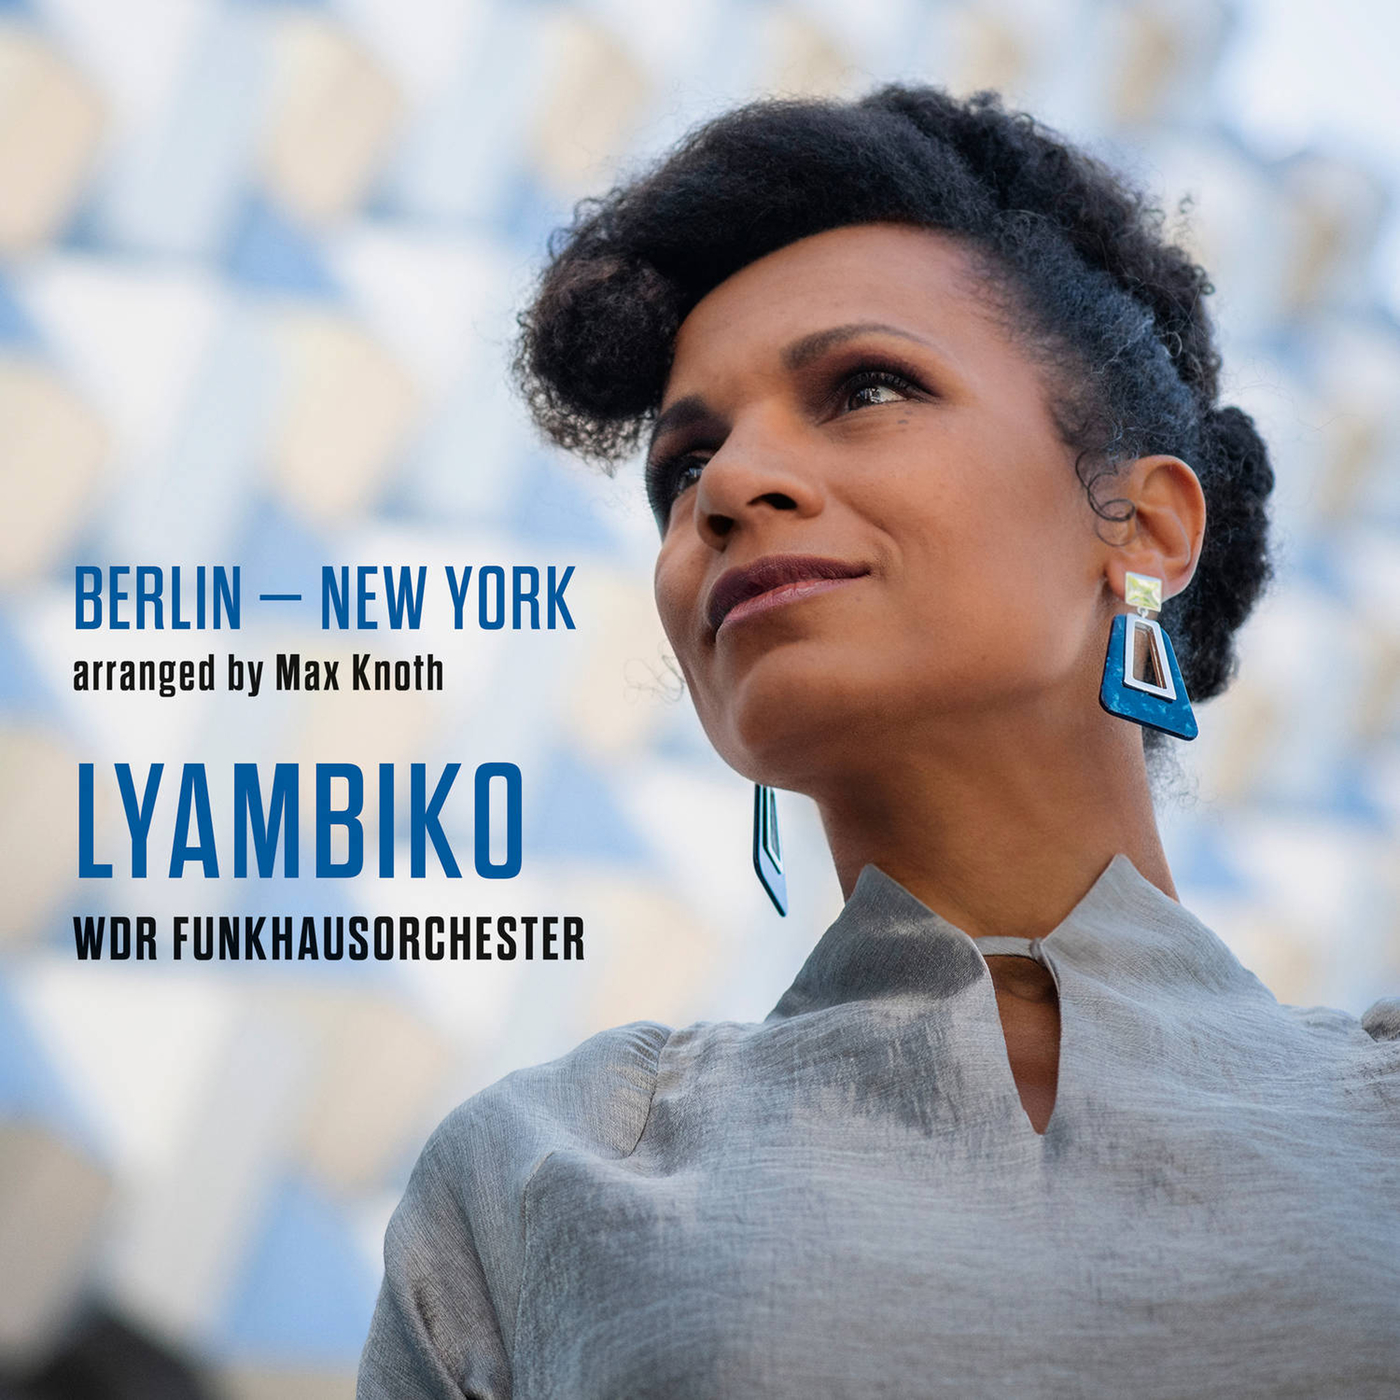 Berlin - New York - Lyambiko